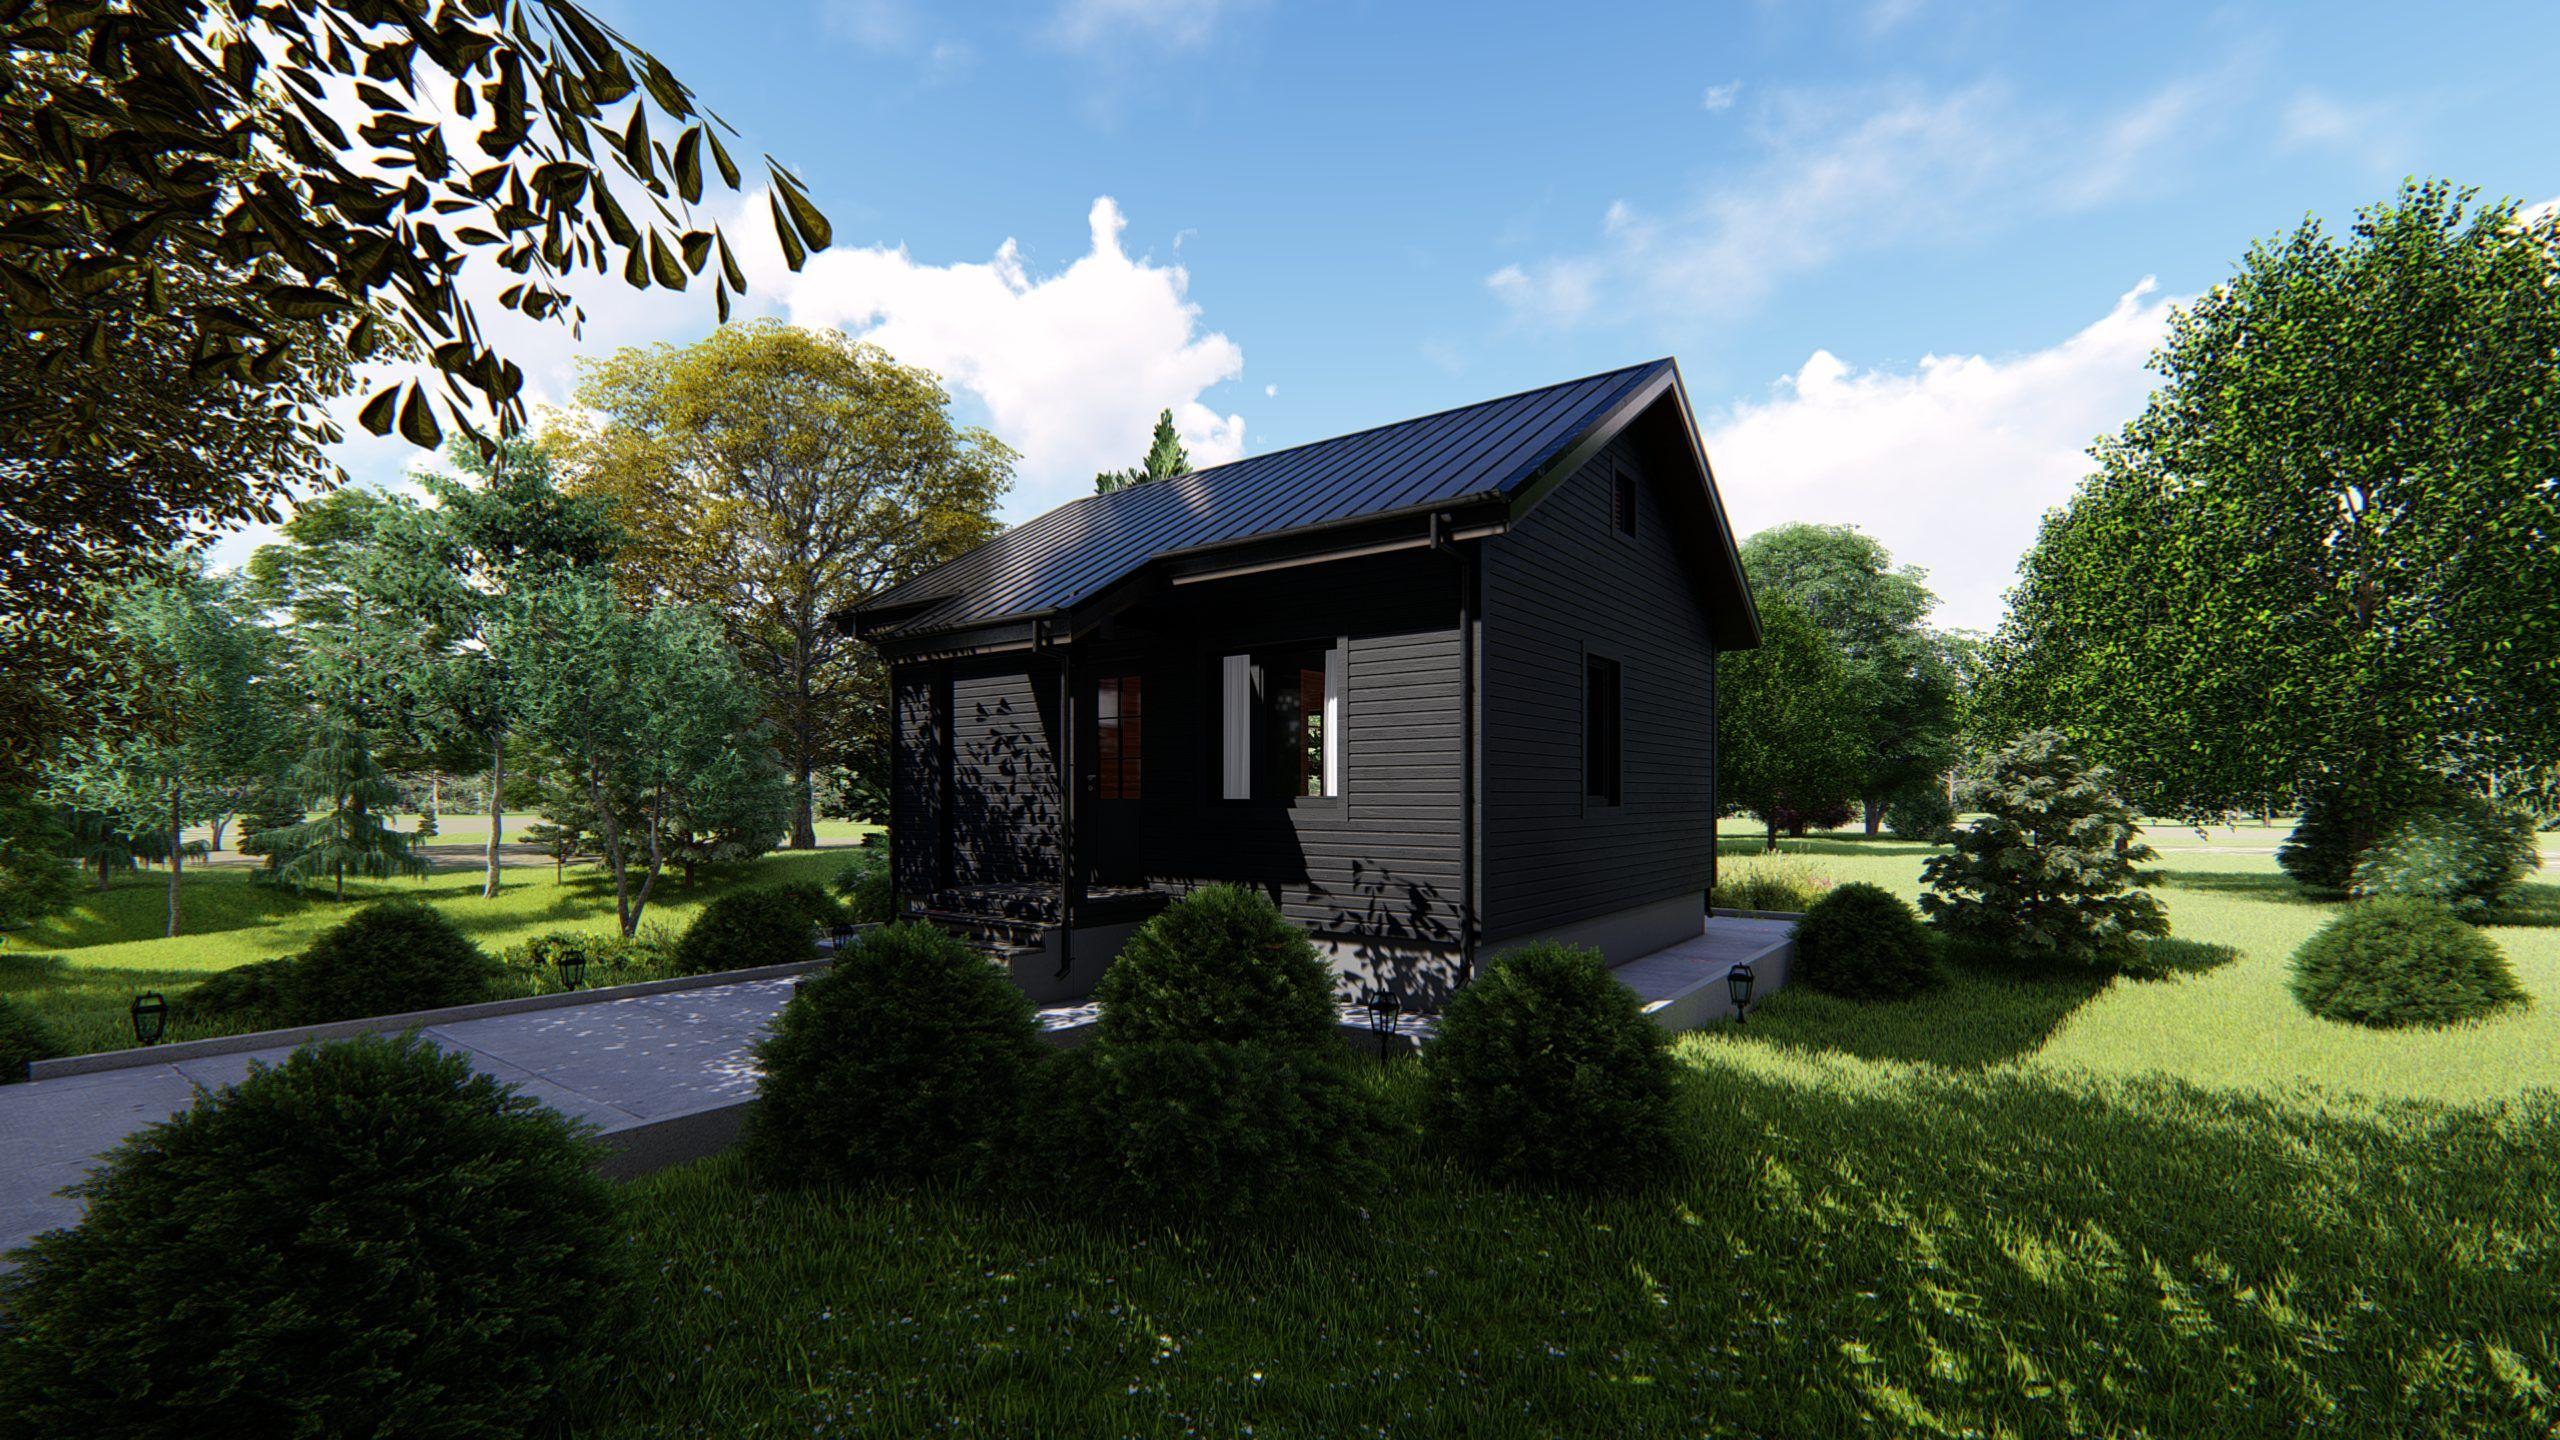 Каркасный одноэтажный дом для гостей